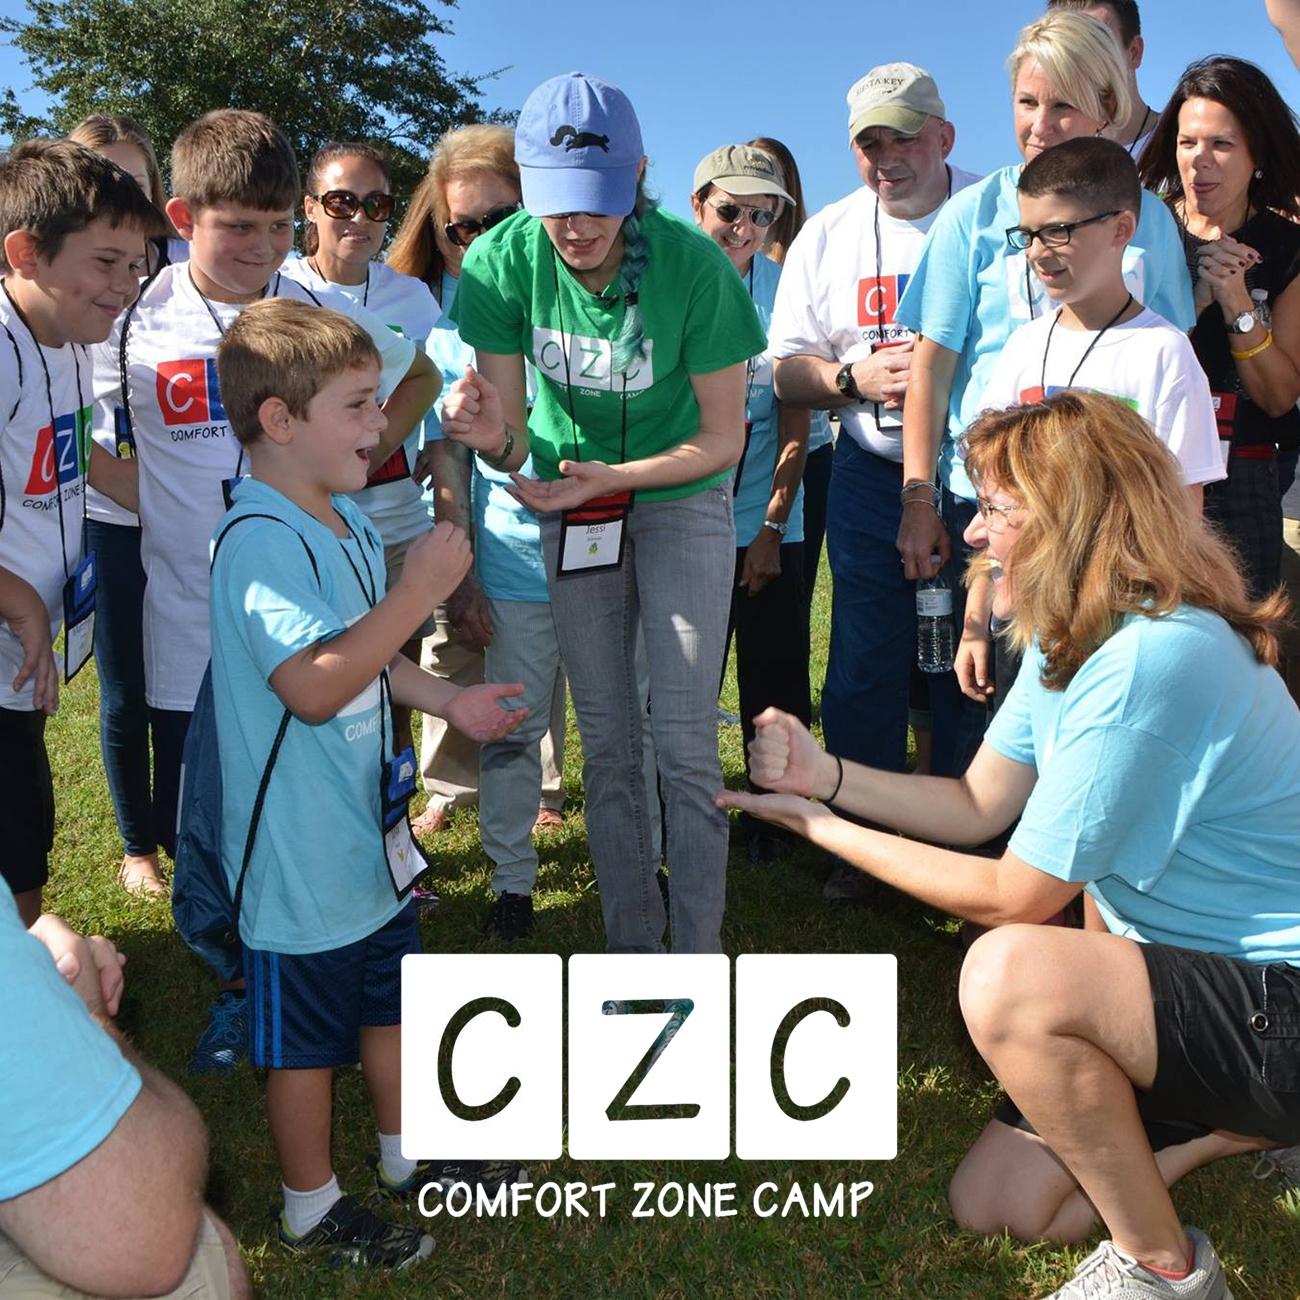 CZC-edited.jpg